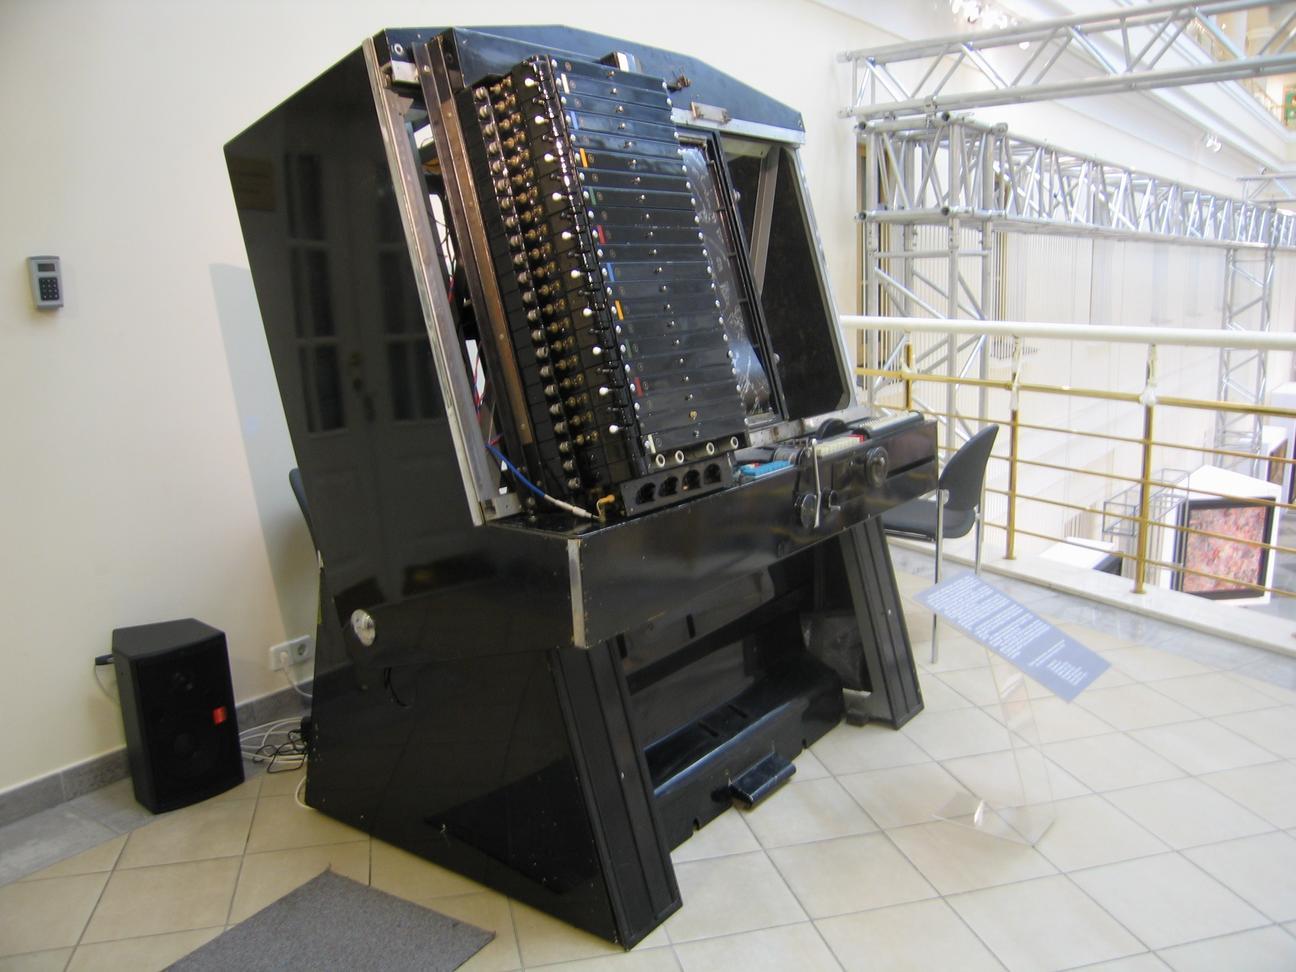 Музыкальный Леонардо советского военпрома: от артиллерийских систем до первого в мире студийного синтезатора - 9